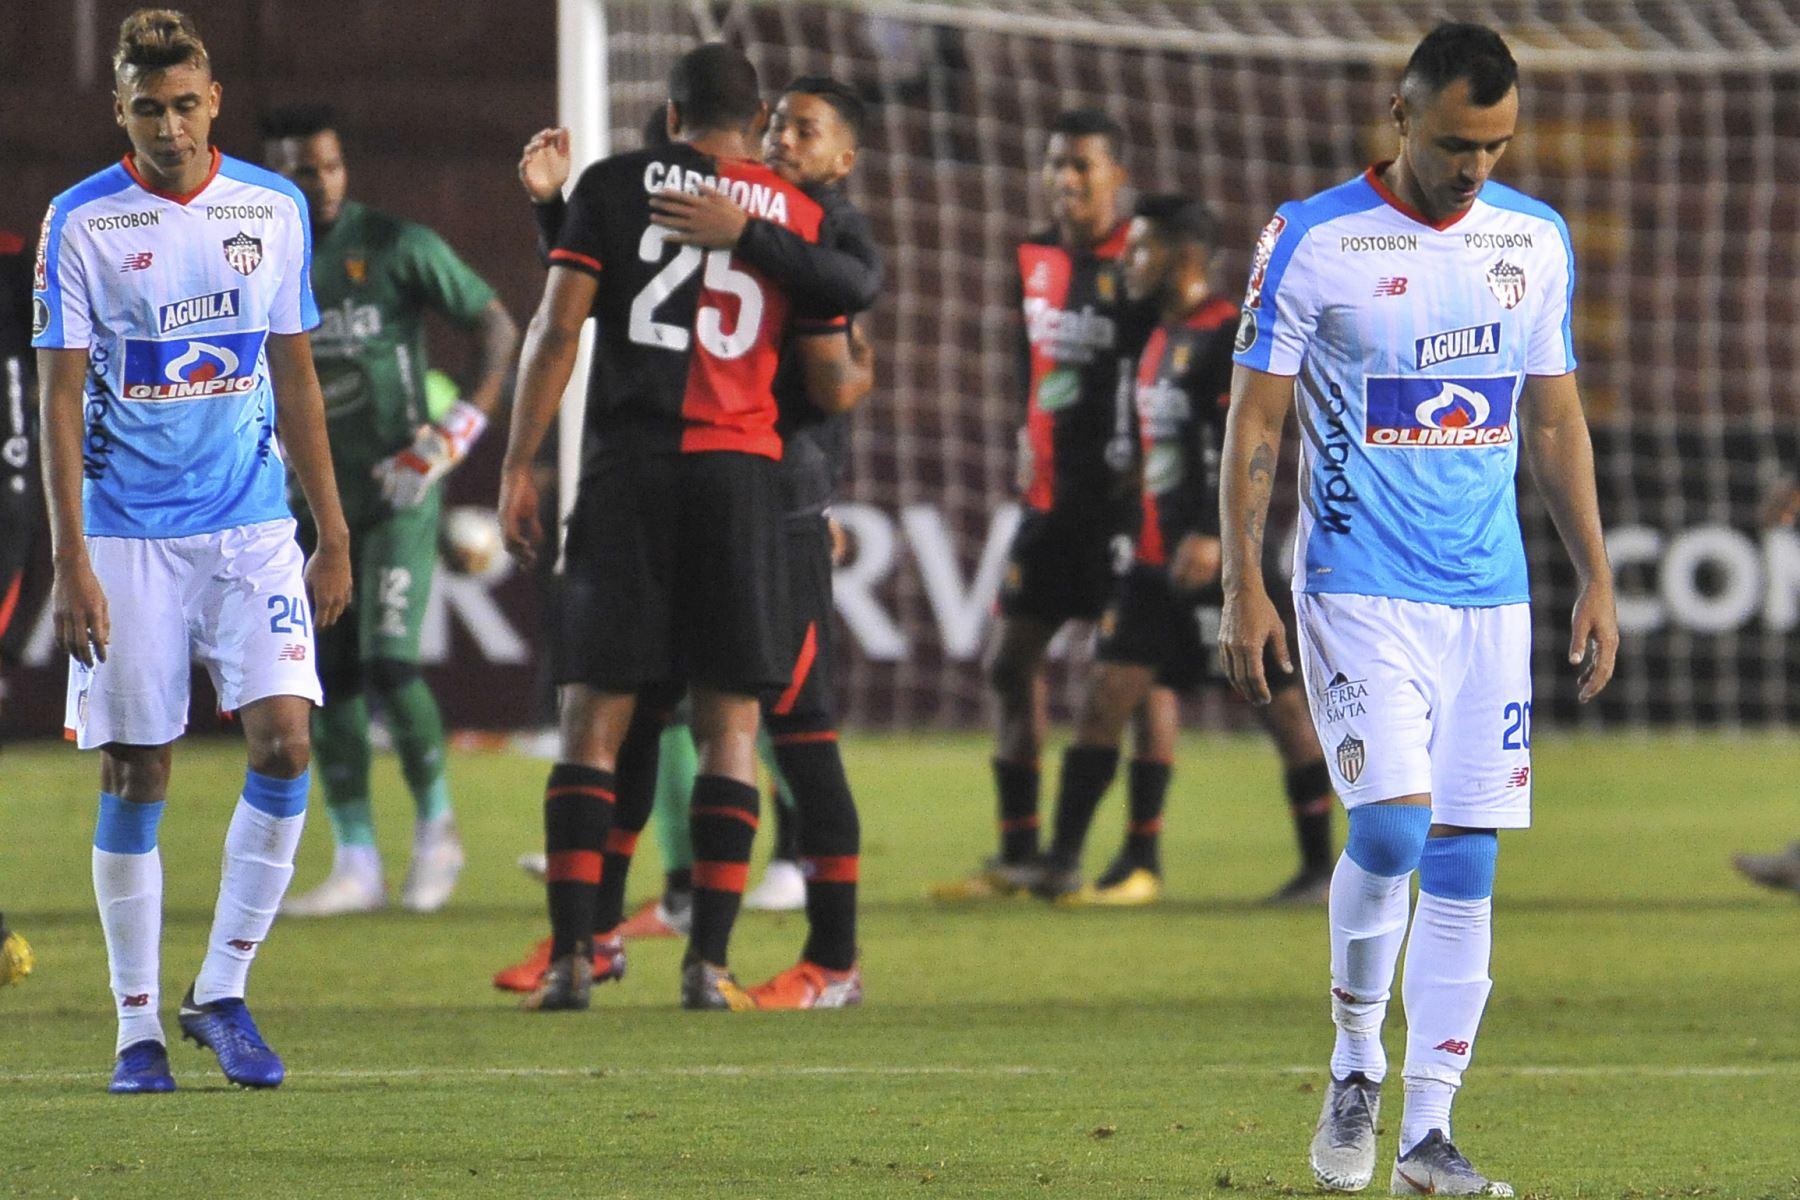 El junior de Colombia Marlon Piedrahita y Victor Cantillo reaccionan después de perder contra Melgar de Perú al finalizar su partido de fútbol de la Copa Libertadores 2019 en el Estadio UNSA. Foto: AFP